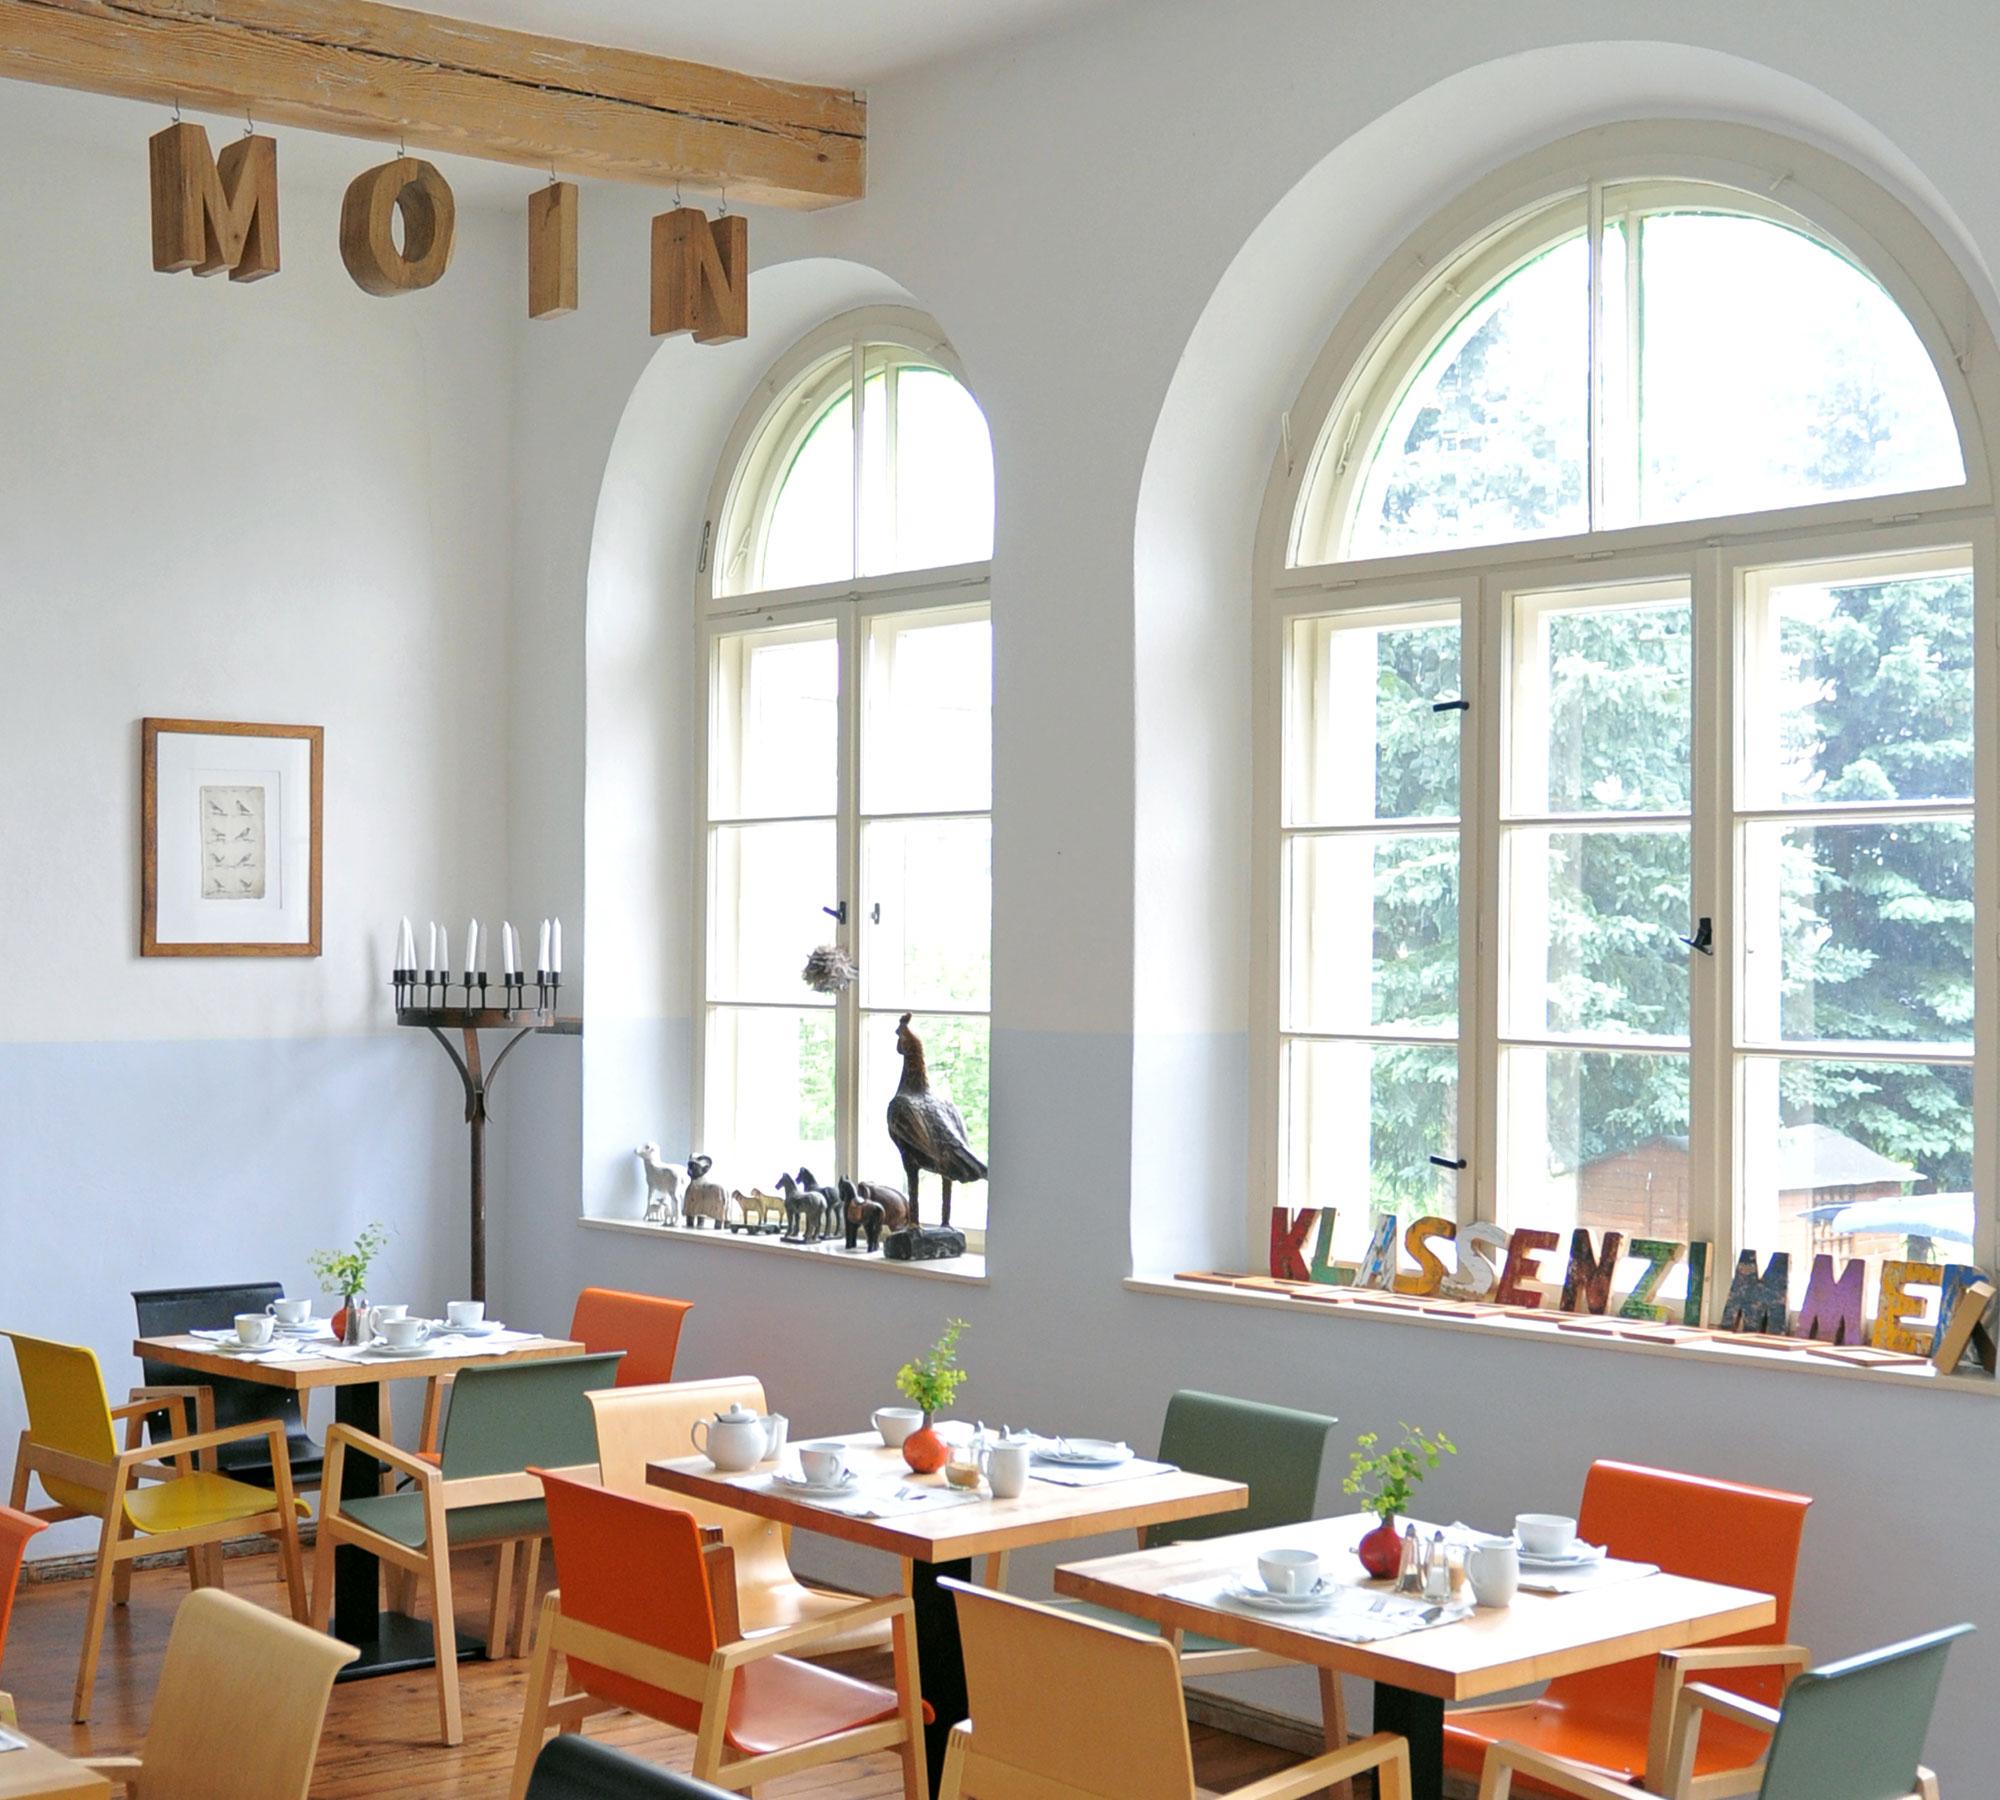 Restaurant Klassenzimmer im Kavaliershaus am Finckensee | HIMBEER Magazin